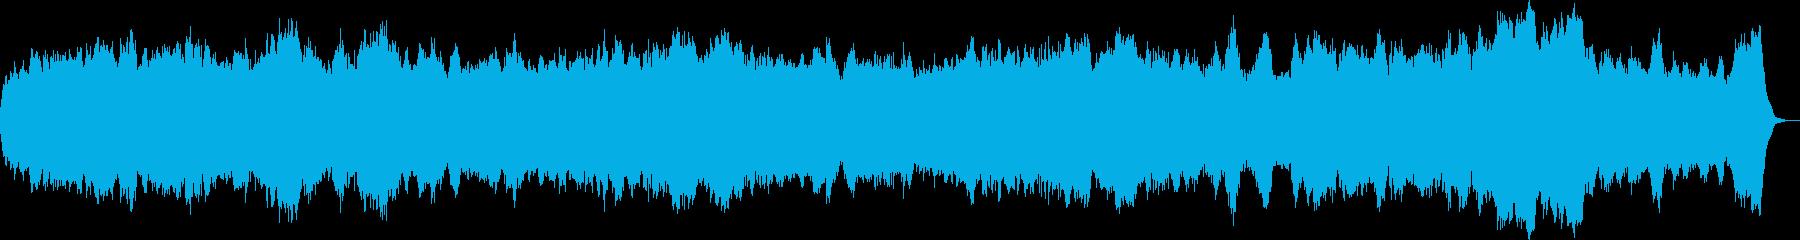 パイプオルガンのオリジナル讃美歌の再生済みの波形